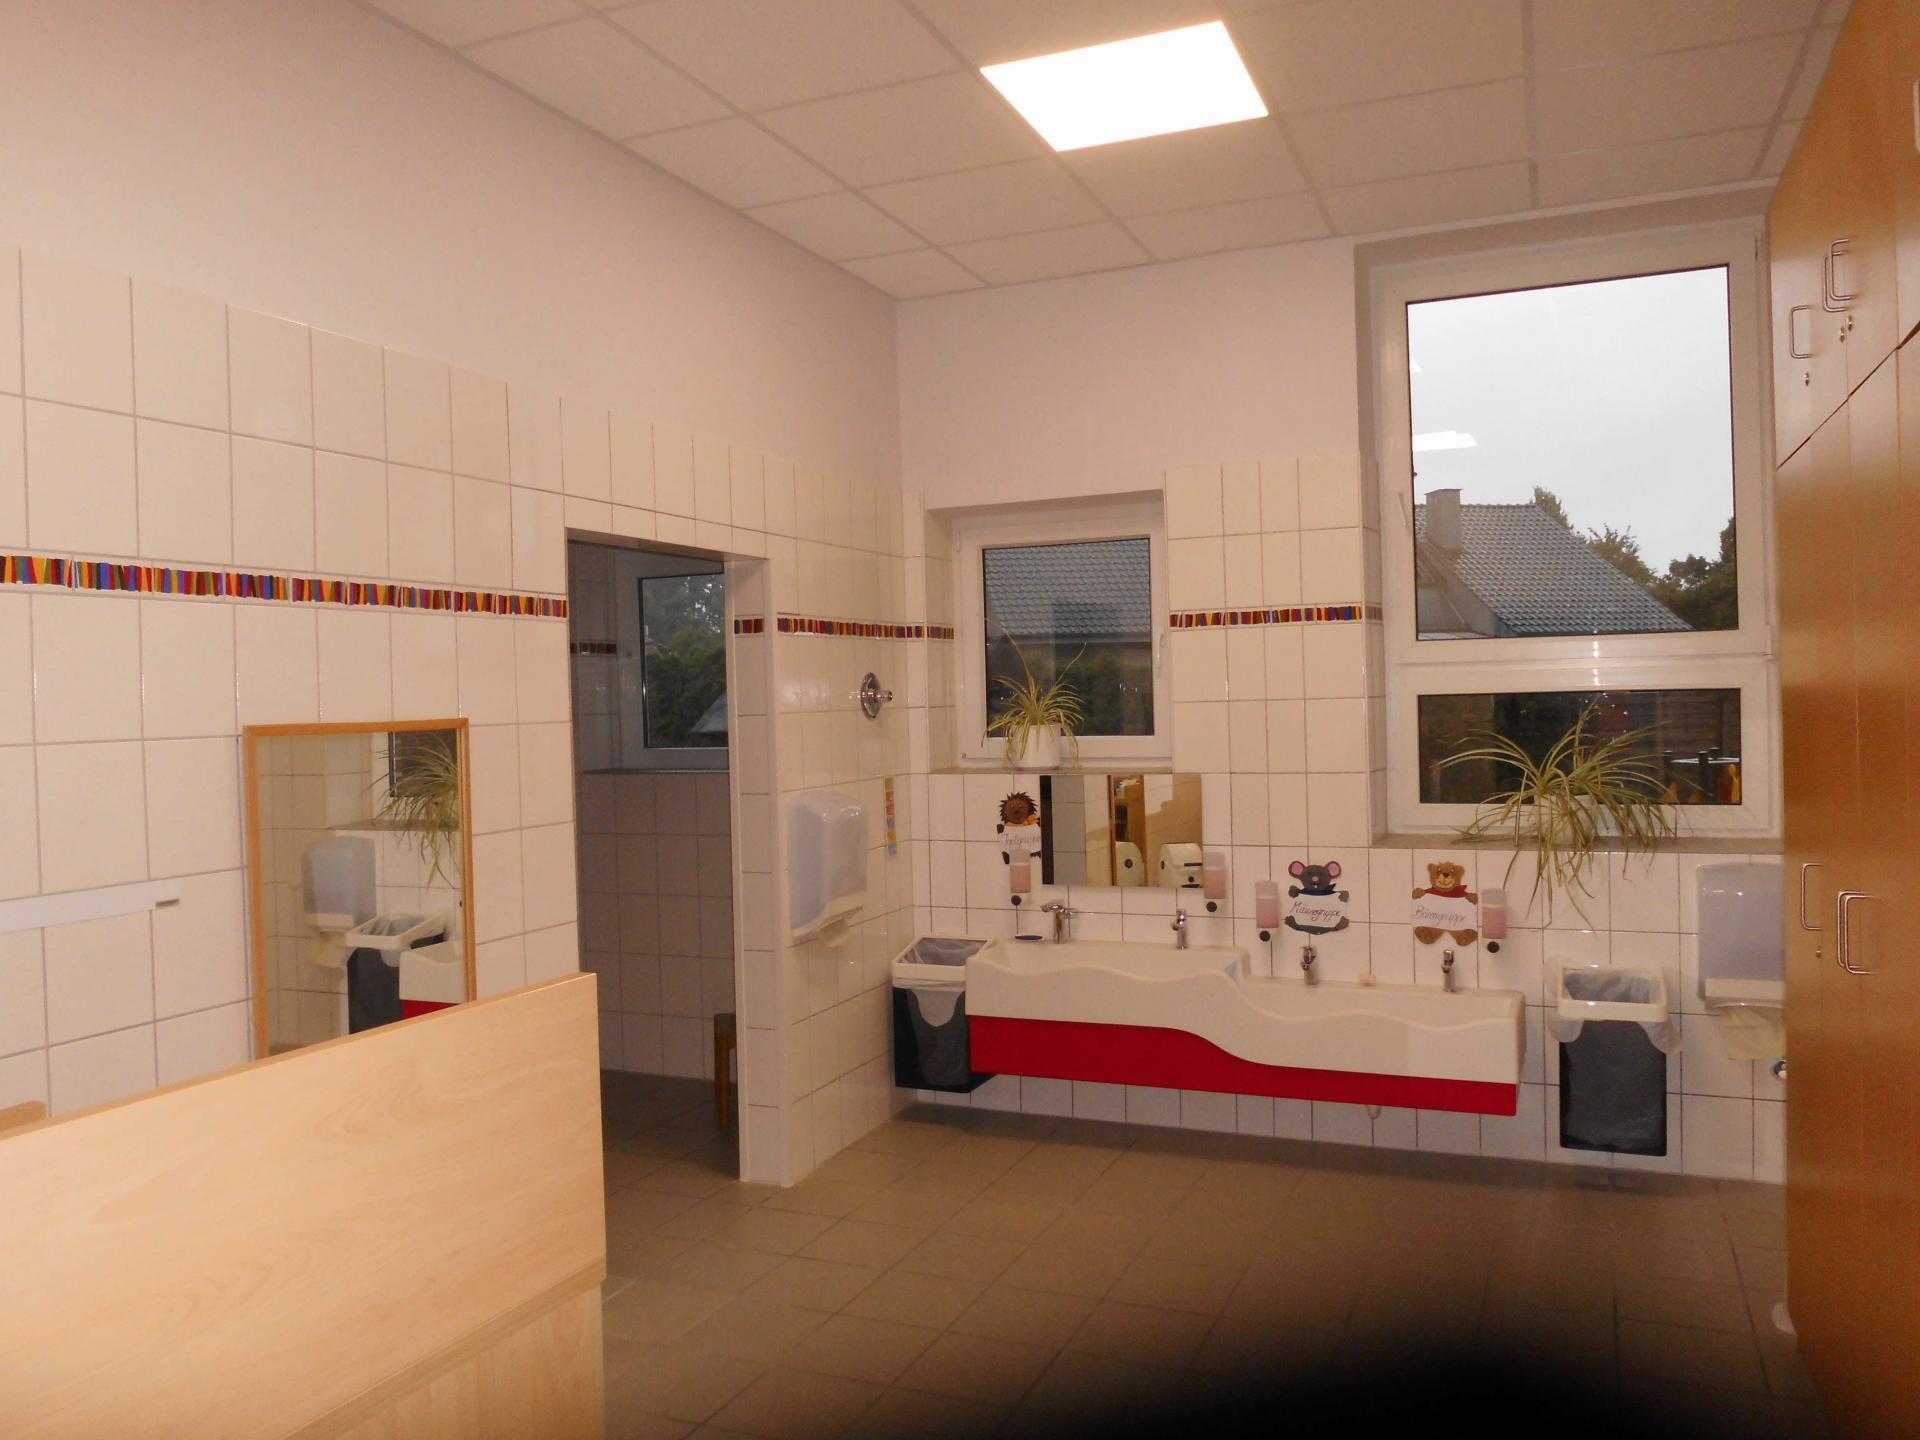 Renovierter Waschraum